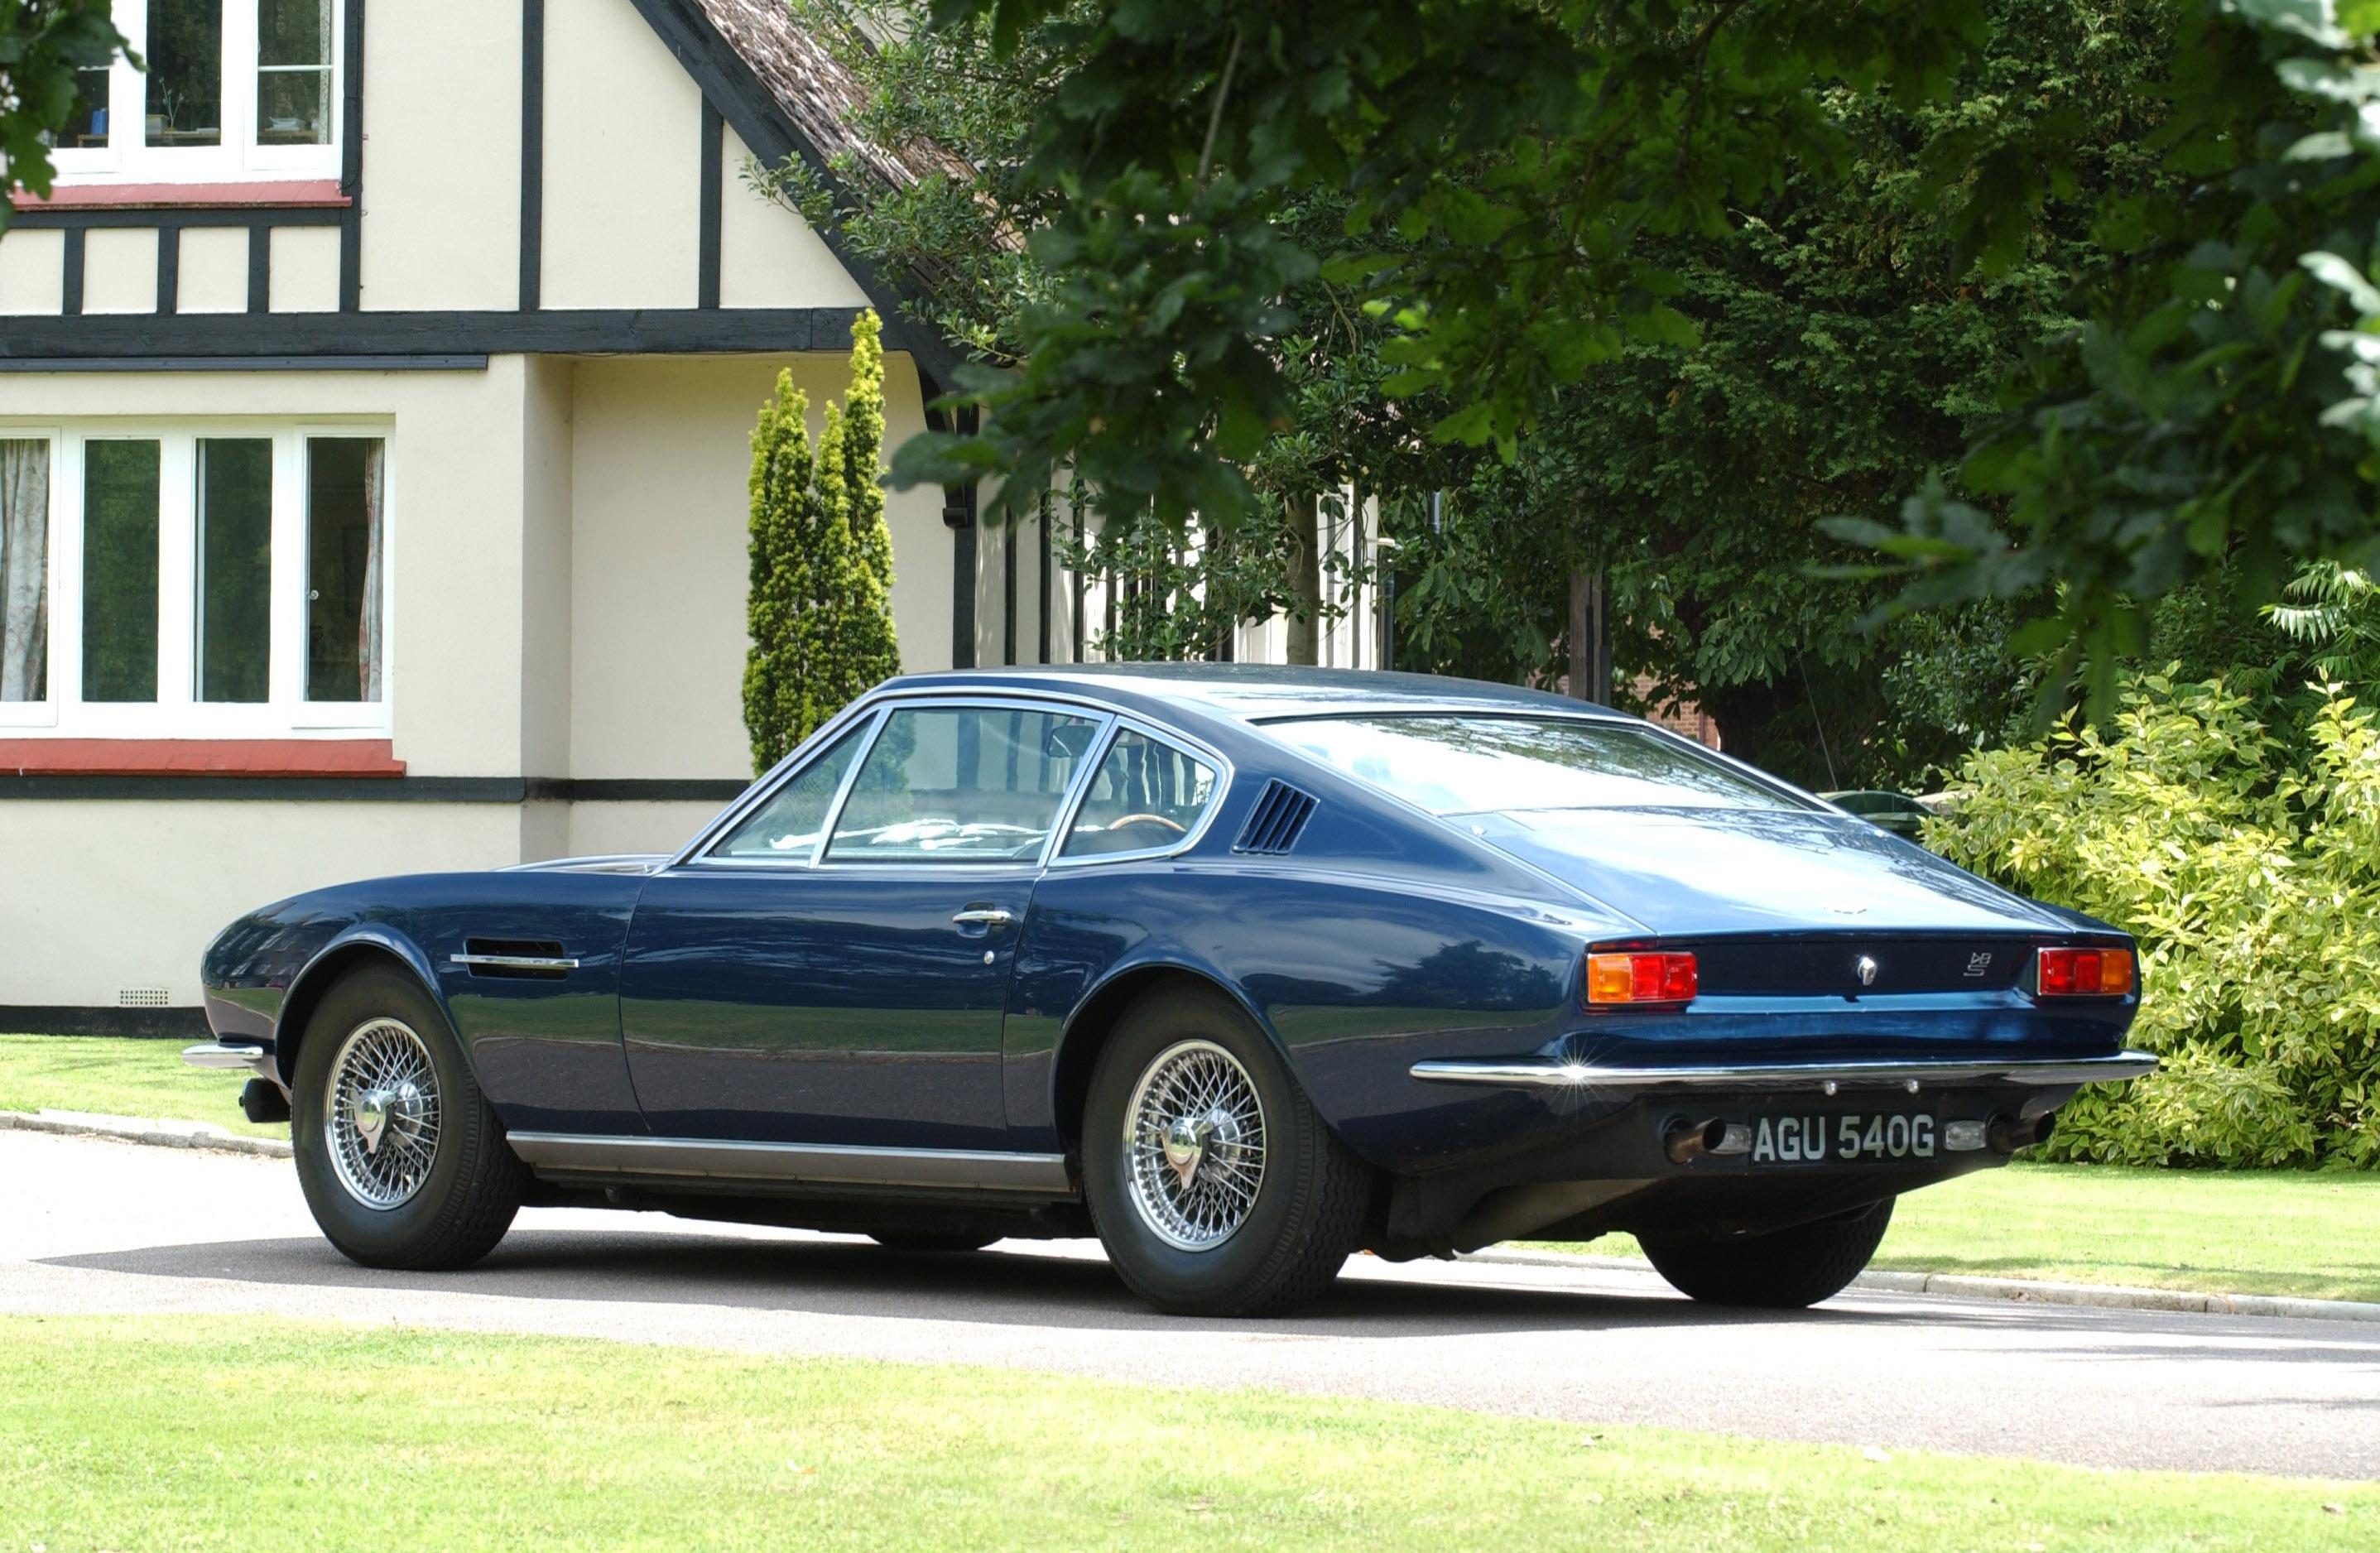 Aston Martin DBS I 1967 - 1972 Coupe #3